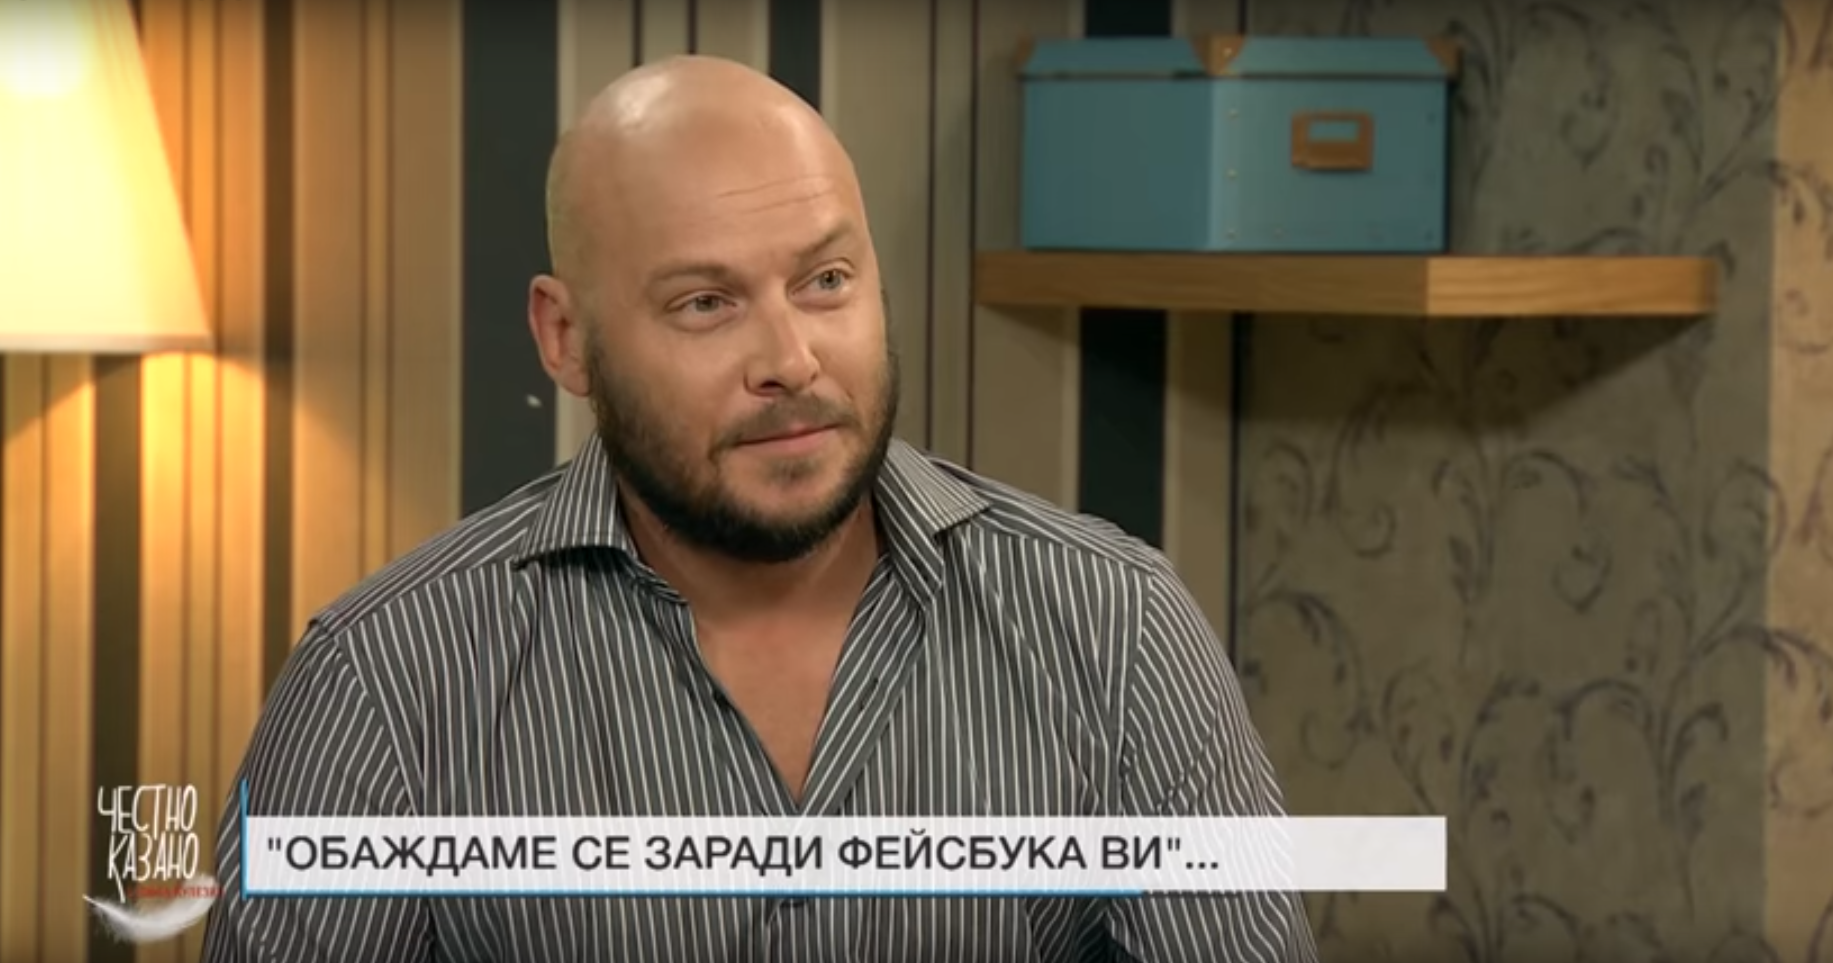 Виктор Димчев за СДВР, обществените поръчки и протестите